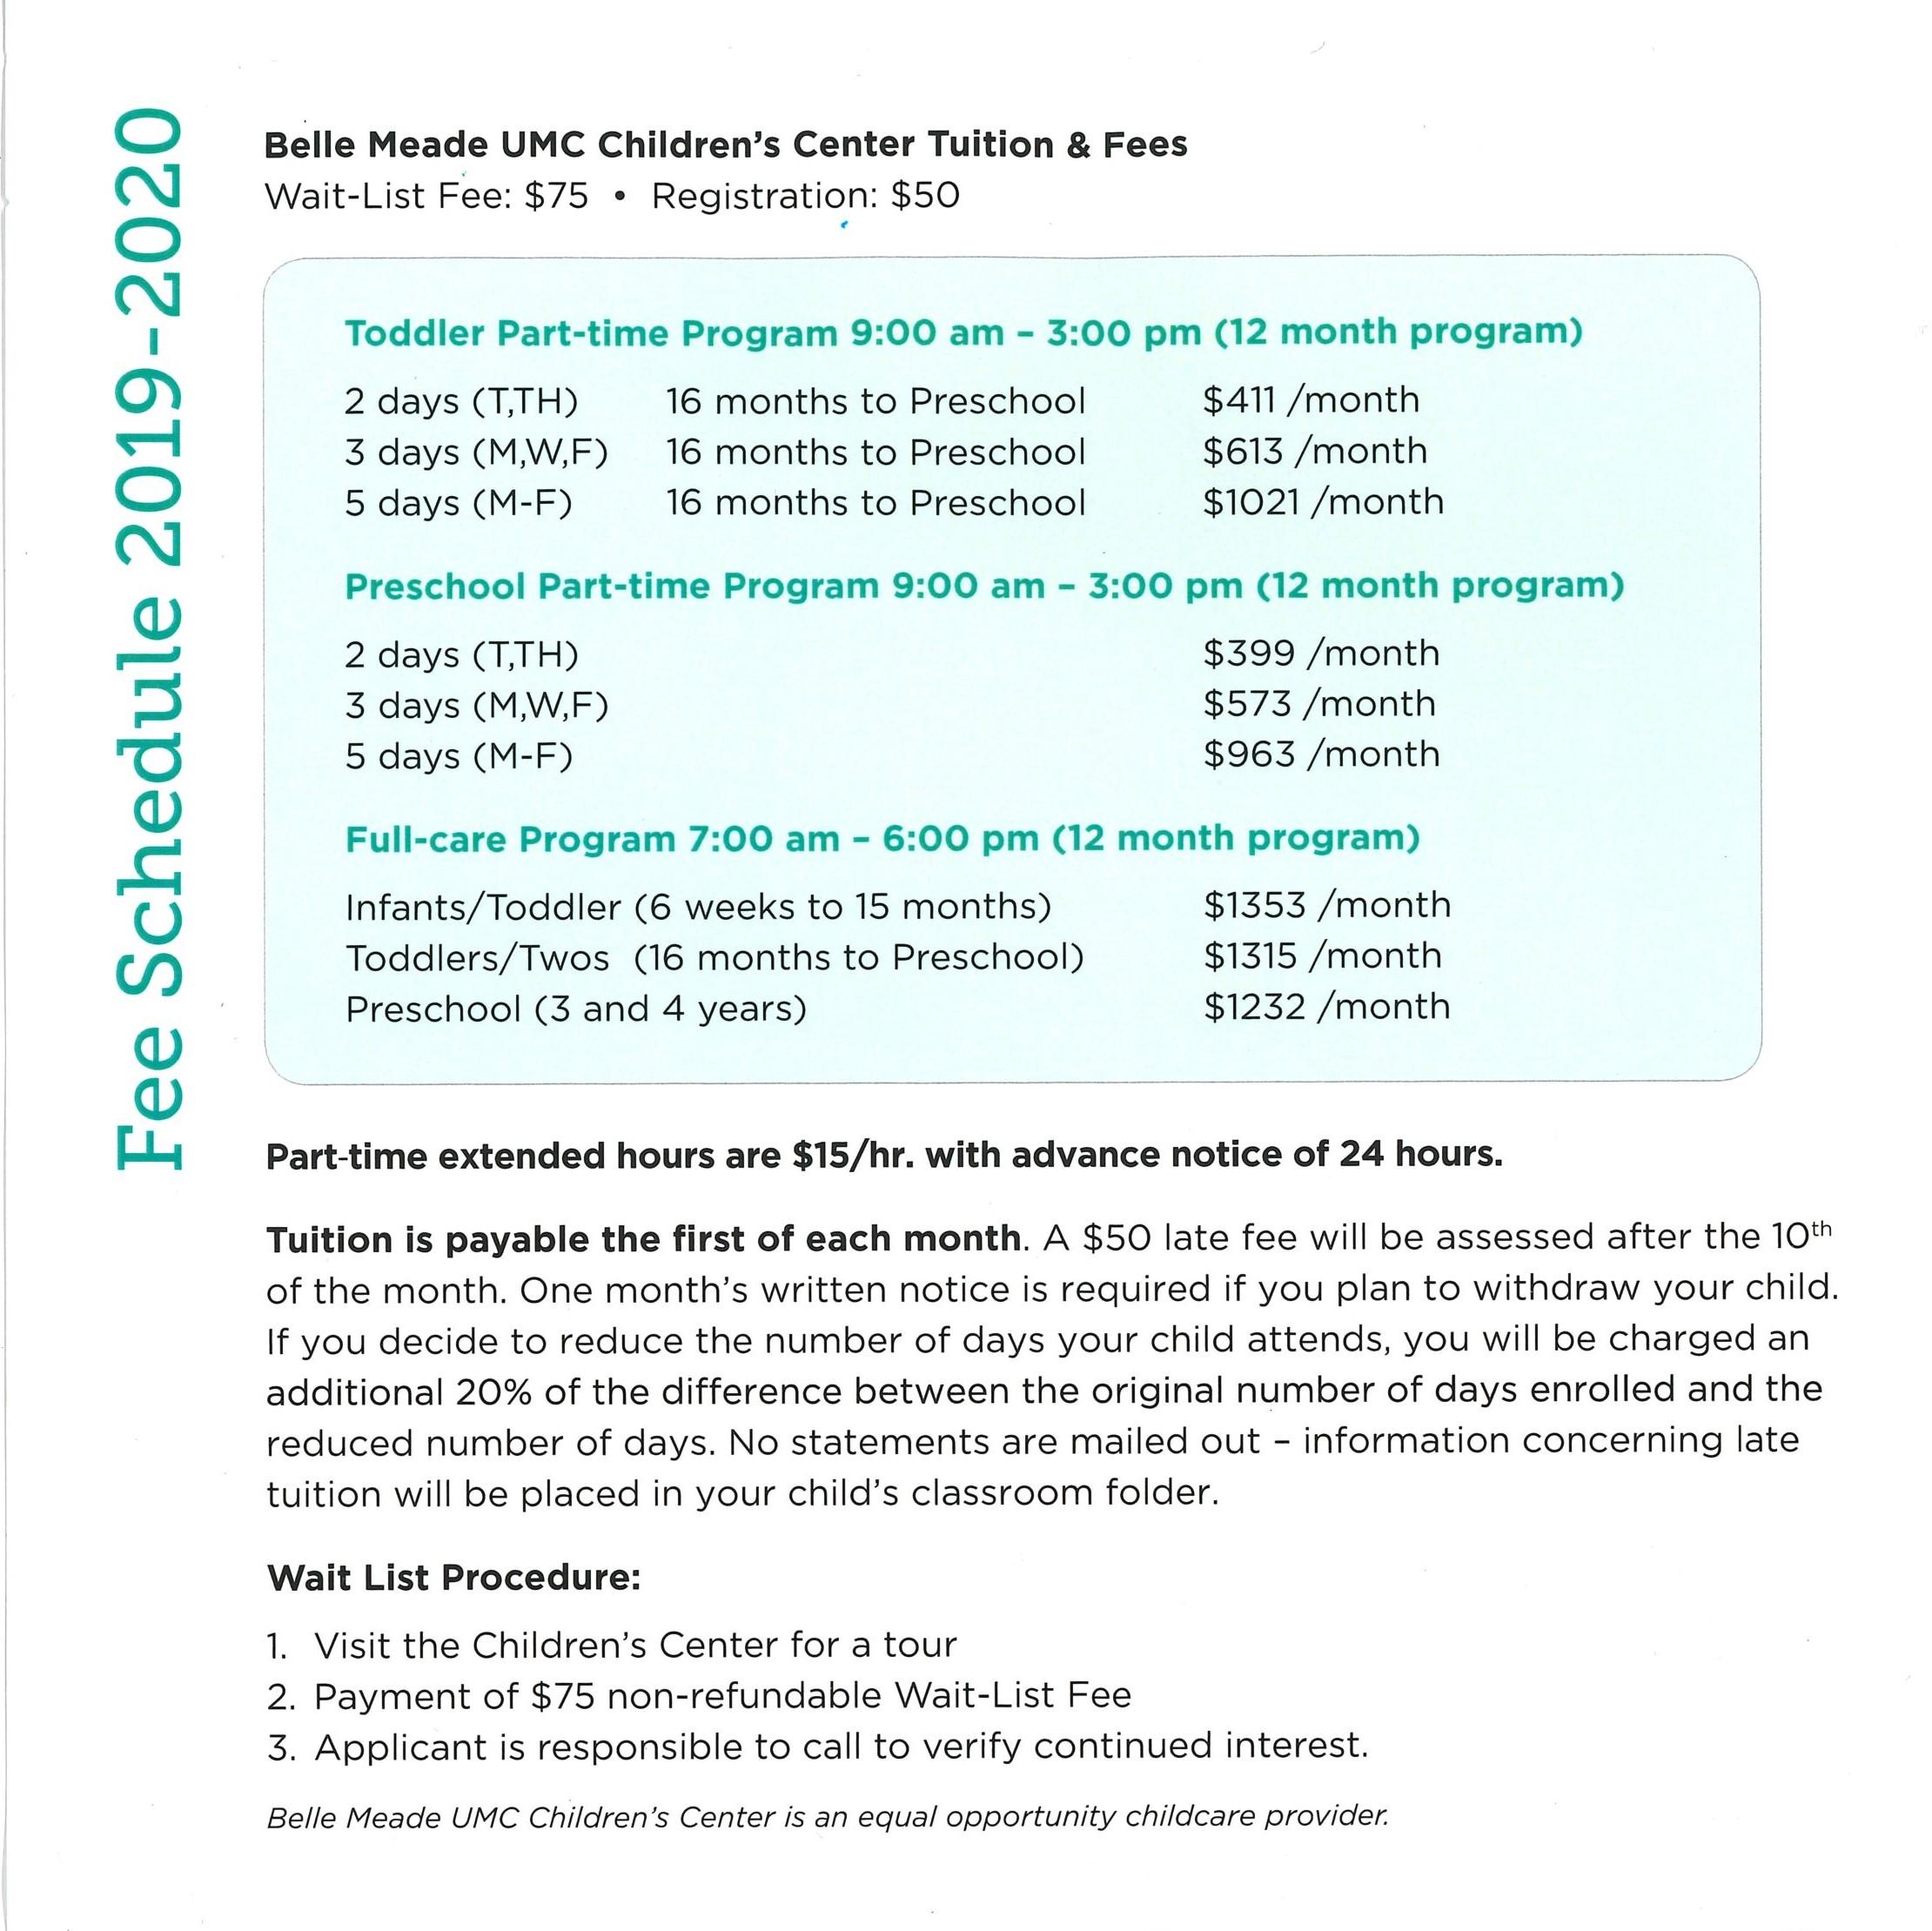 Bmcc Calendar 2020 BMCC 2019 2020 — Belle Meade Children's Center